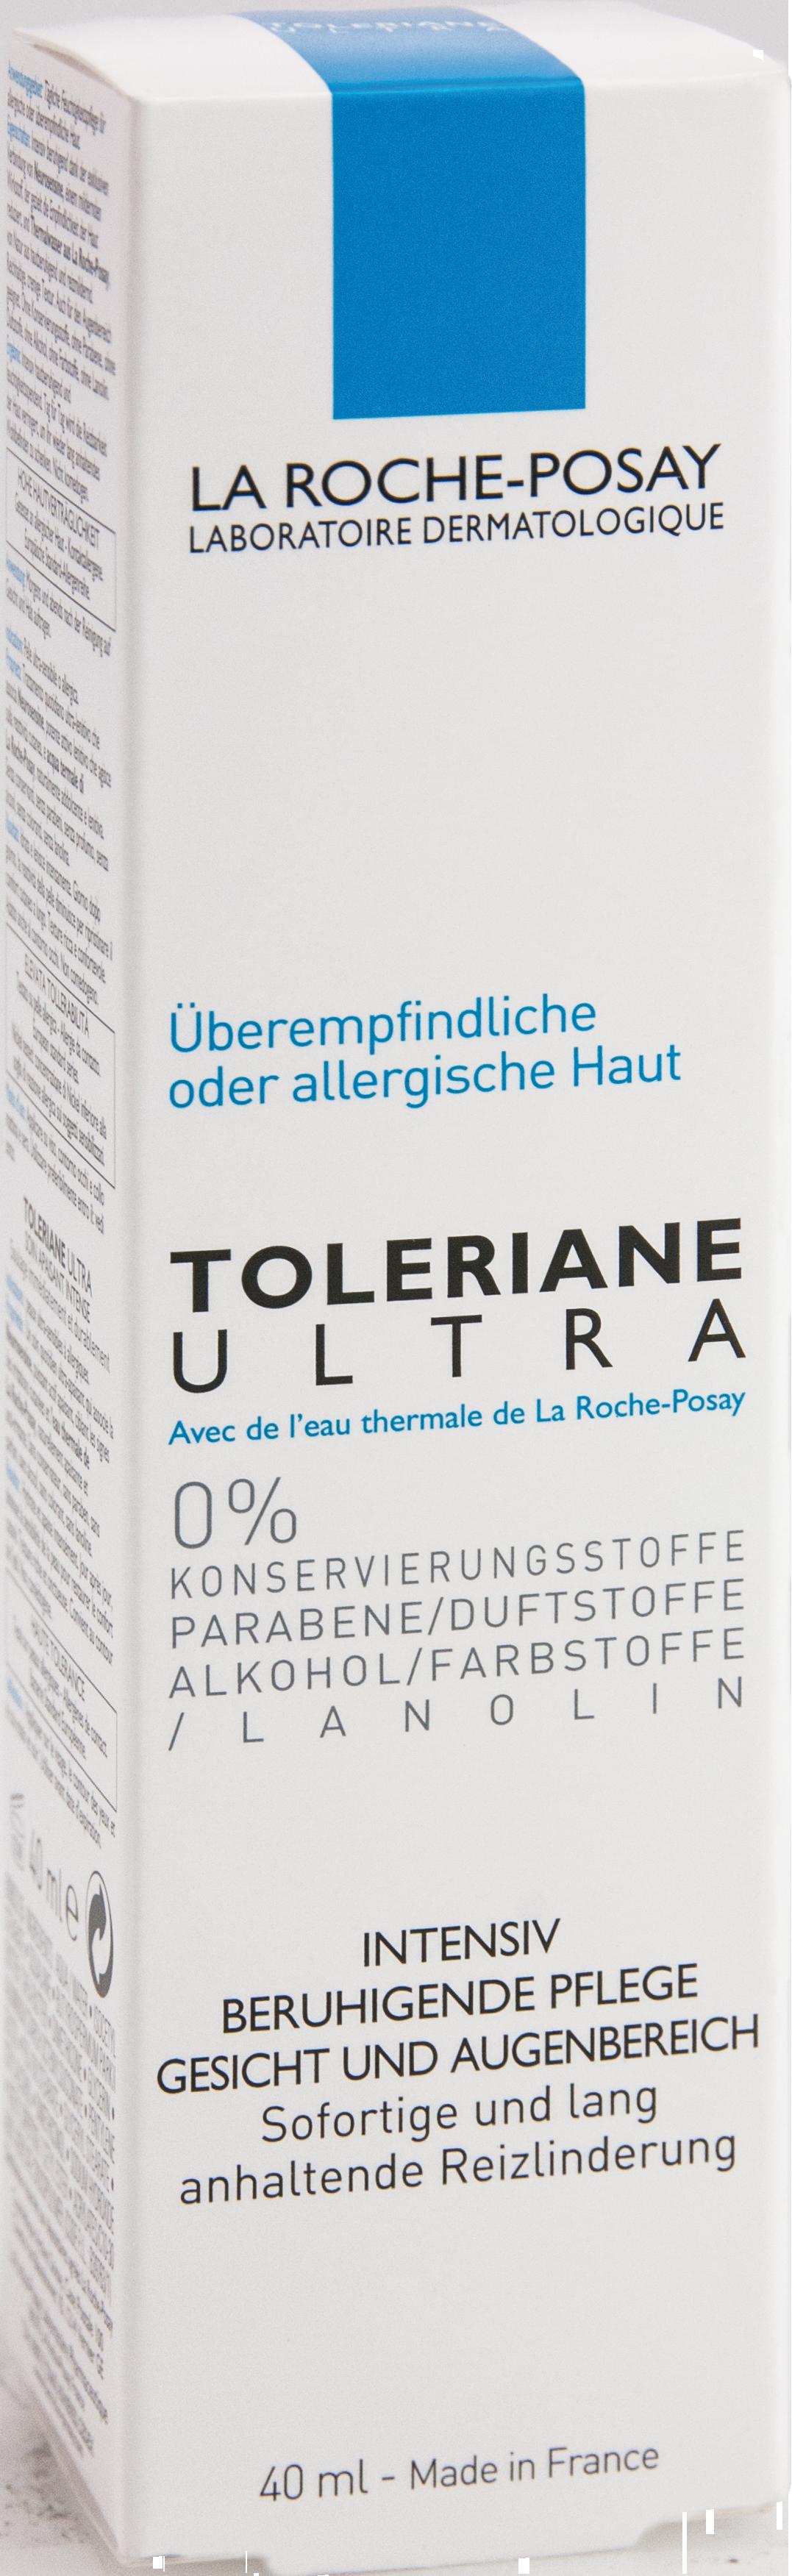 Roche-Posay Toleriane Ultra